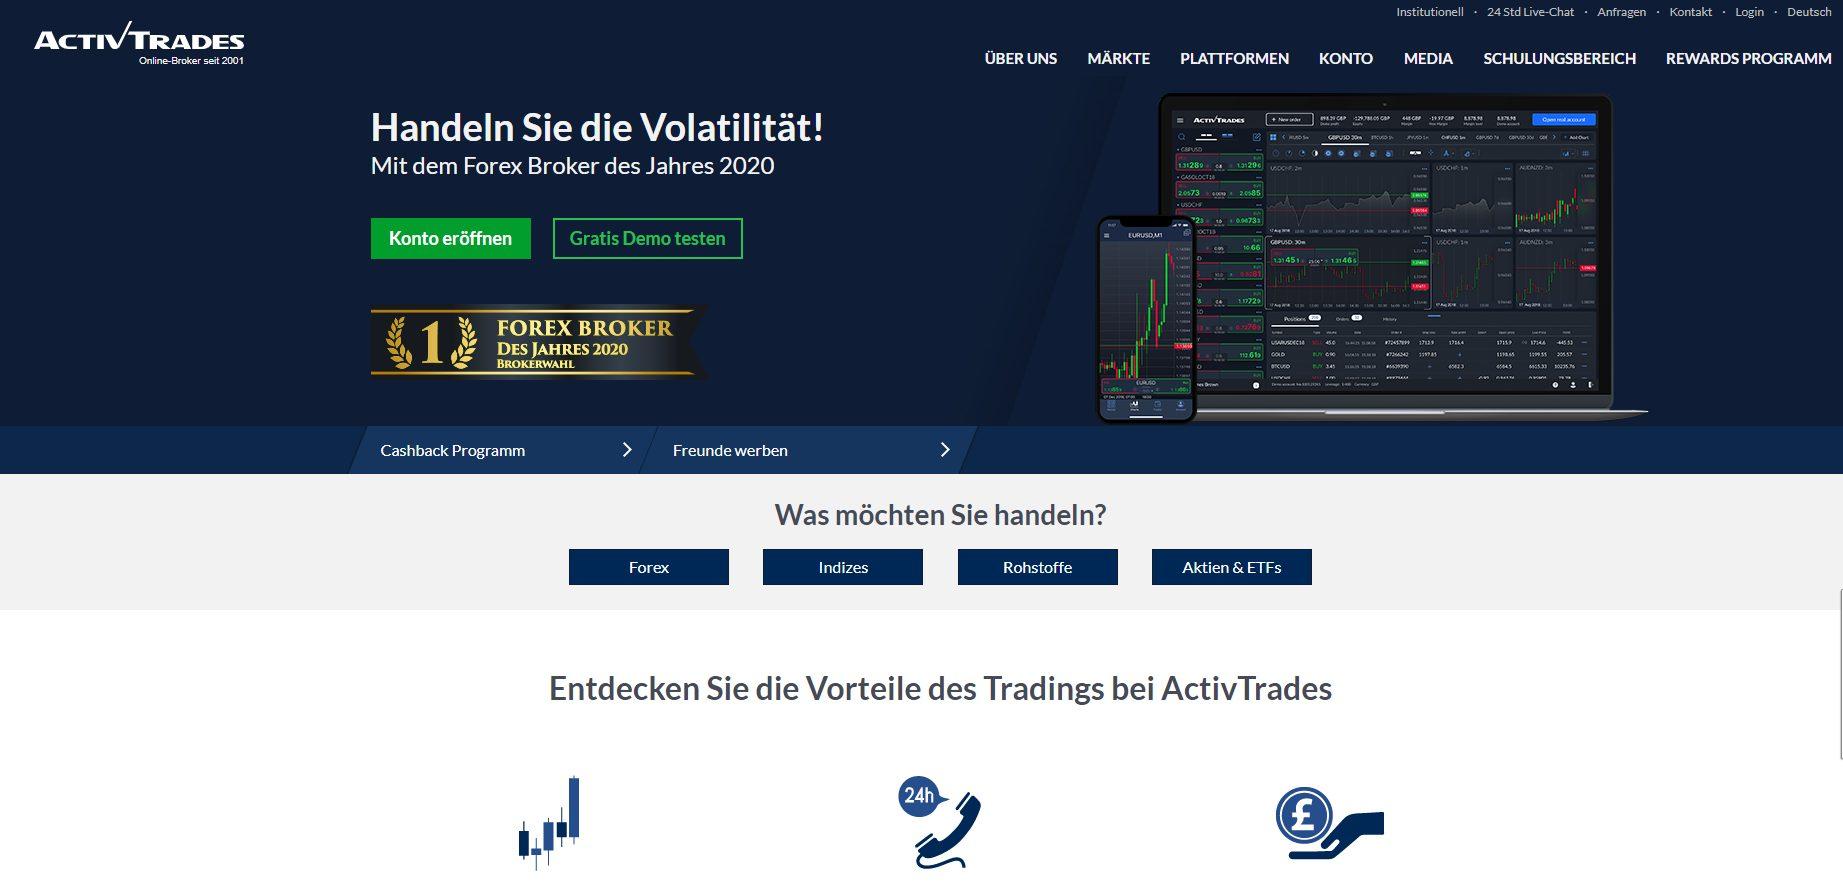 Webseite von ActivTrades